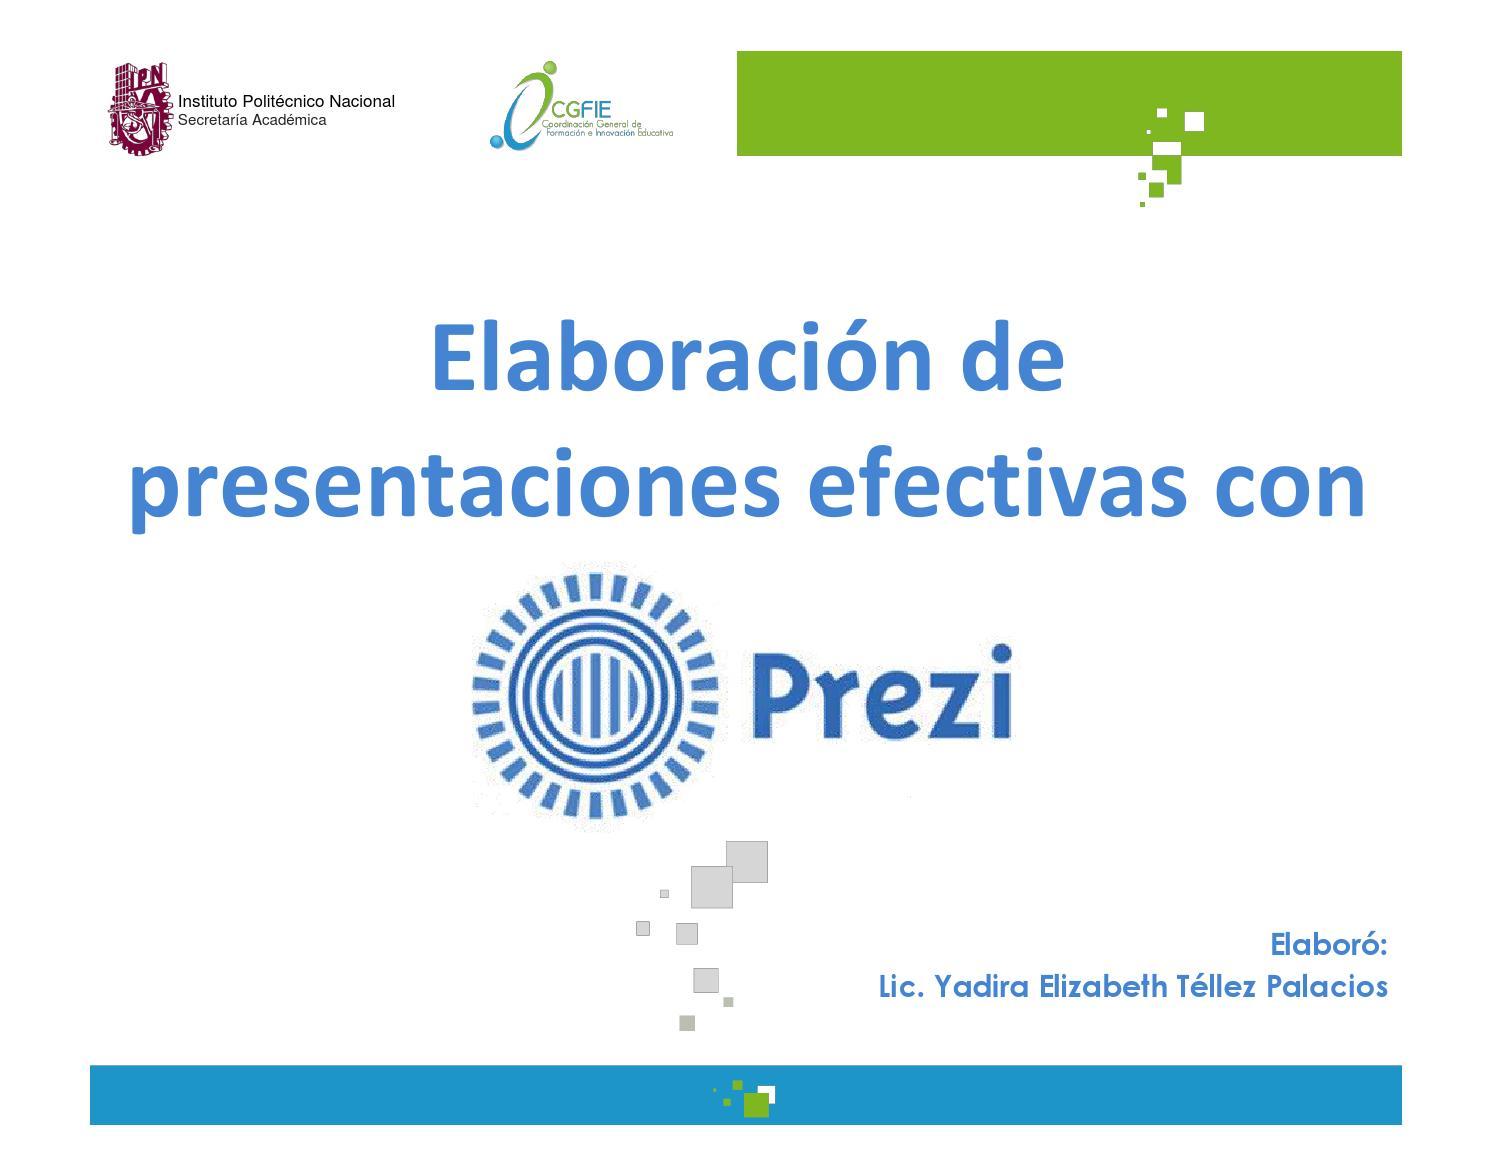 Elaboración de presentaciones con prezi (2) by Yad_Téllez - issuu